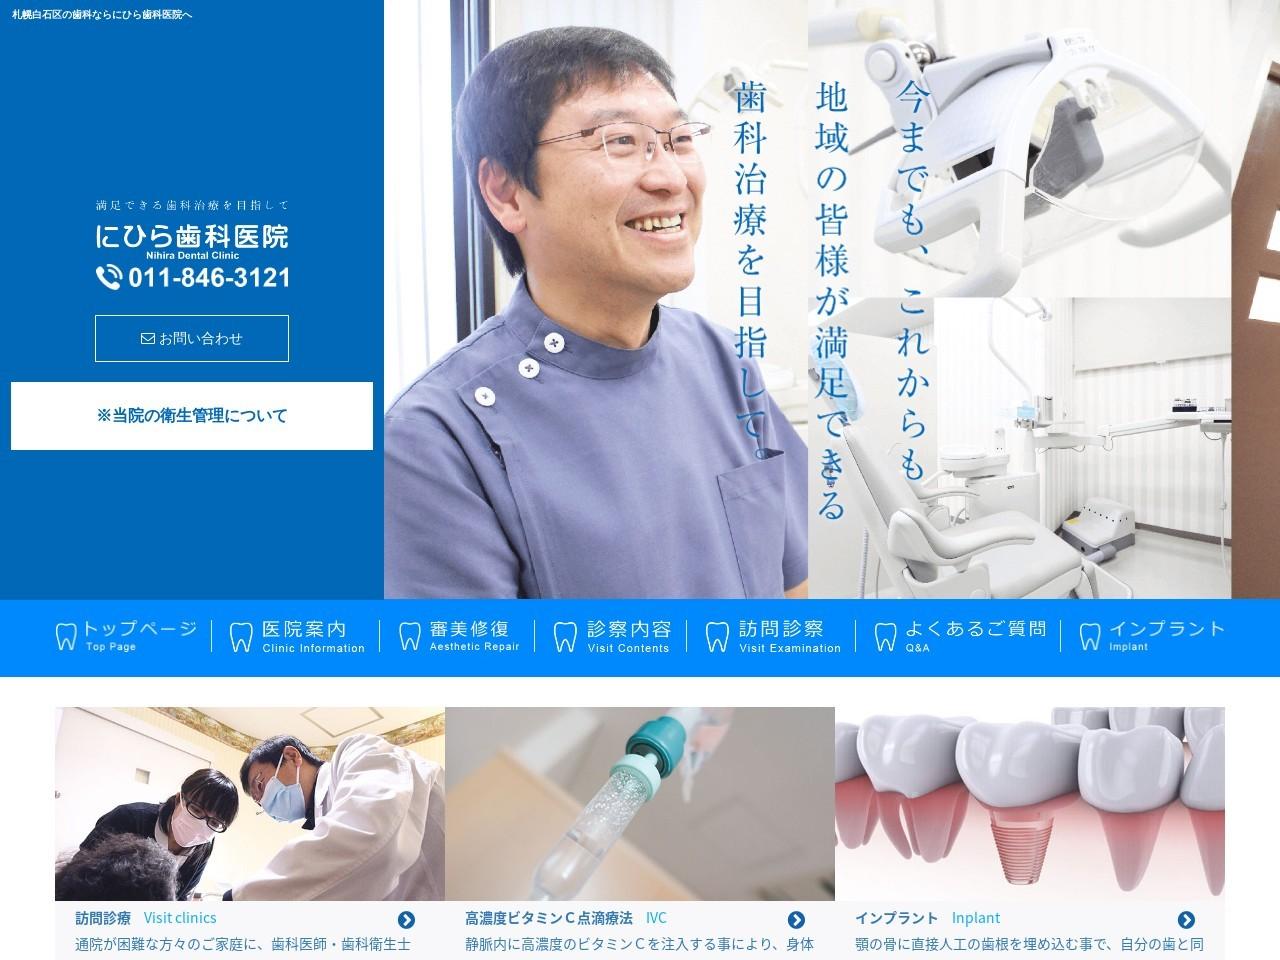 にひら歯科医院 (北海道札幌市白石区)